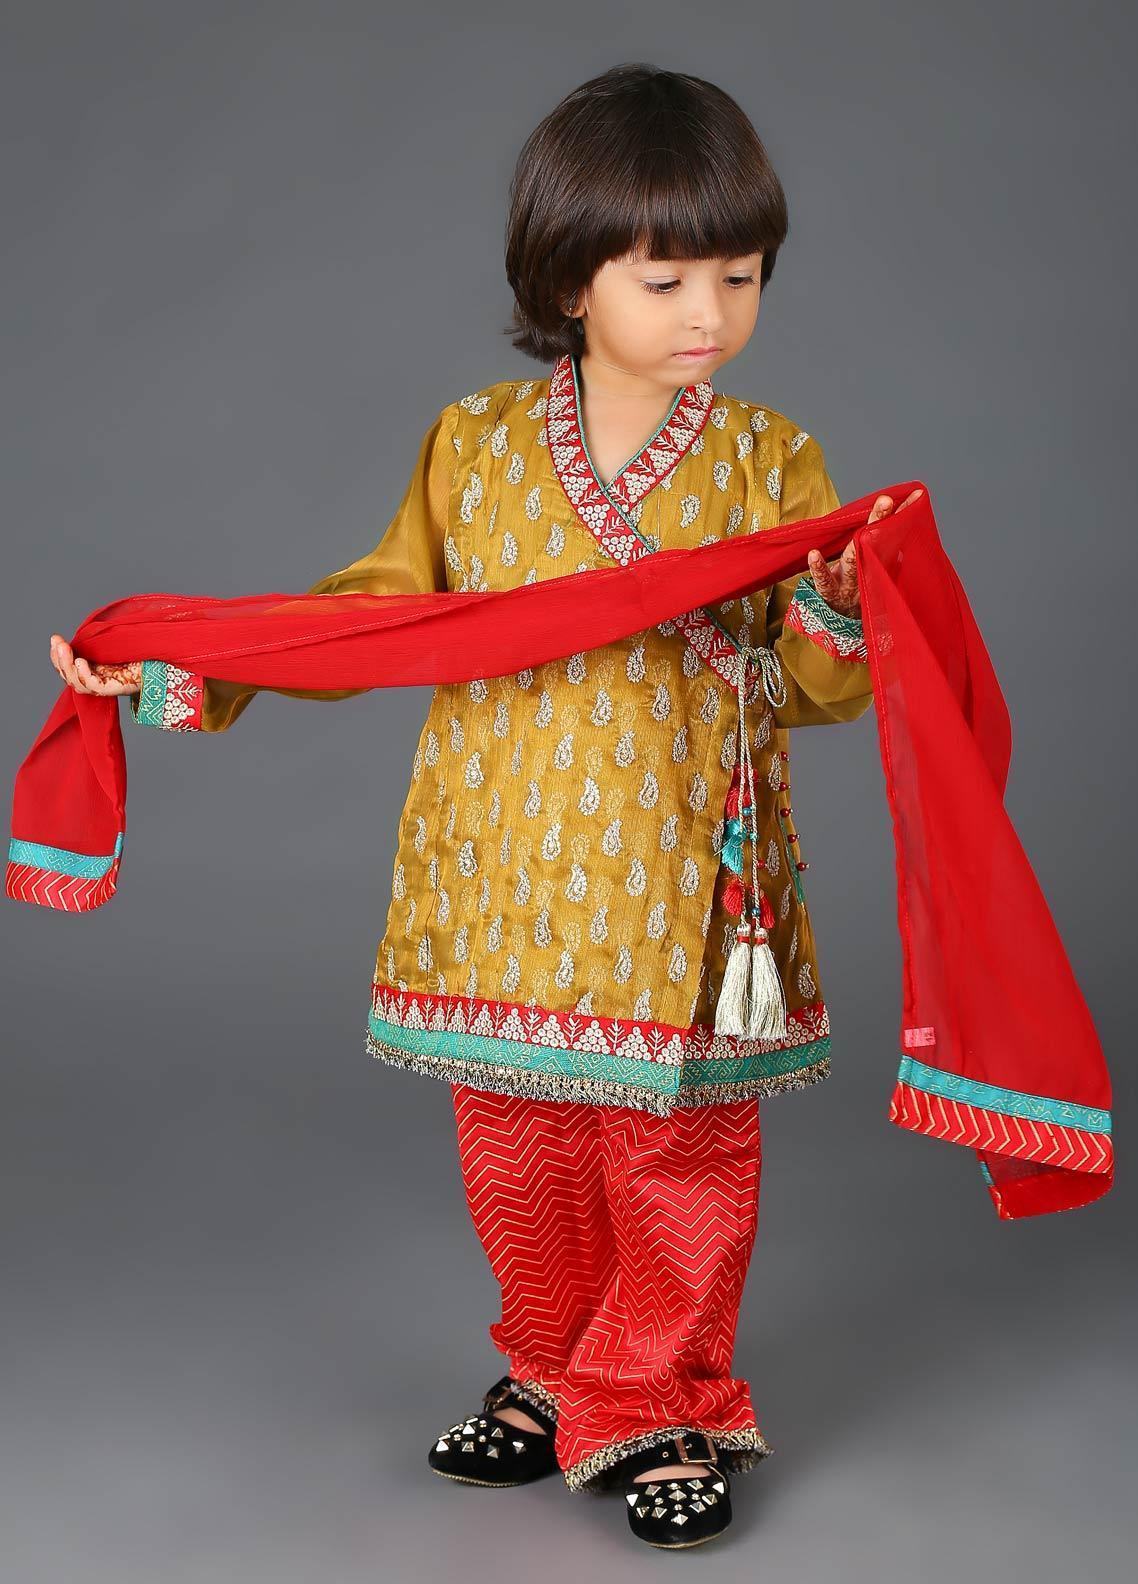 Senorita Cotton Net Fancy 3 Piece Suit for Girls -  KDD-01135-G0LD-MAROON